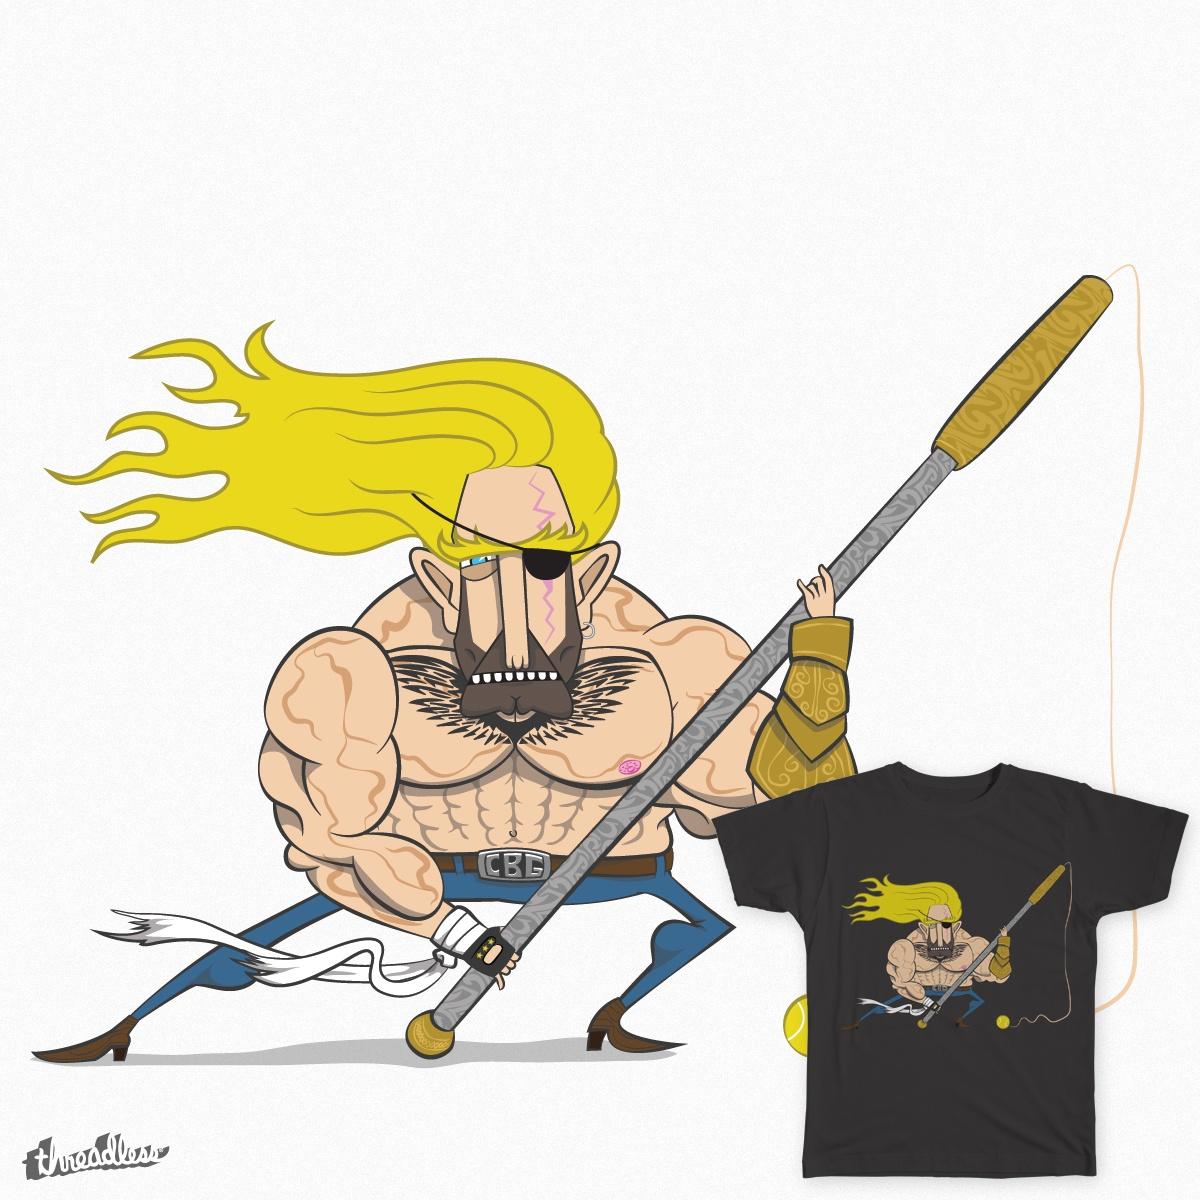 Cliché Bad Guy by nickreyniers on Threadless